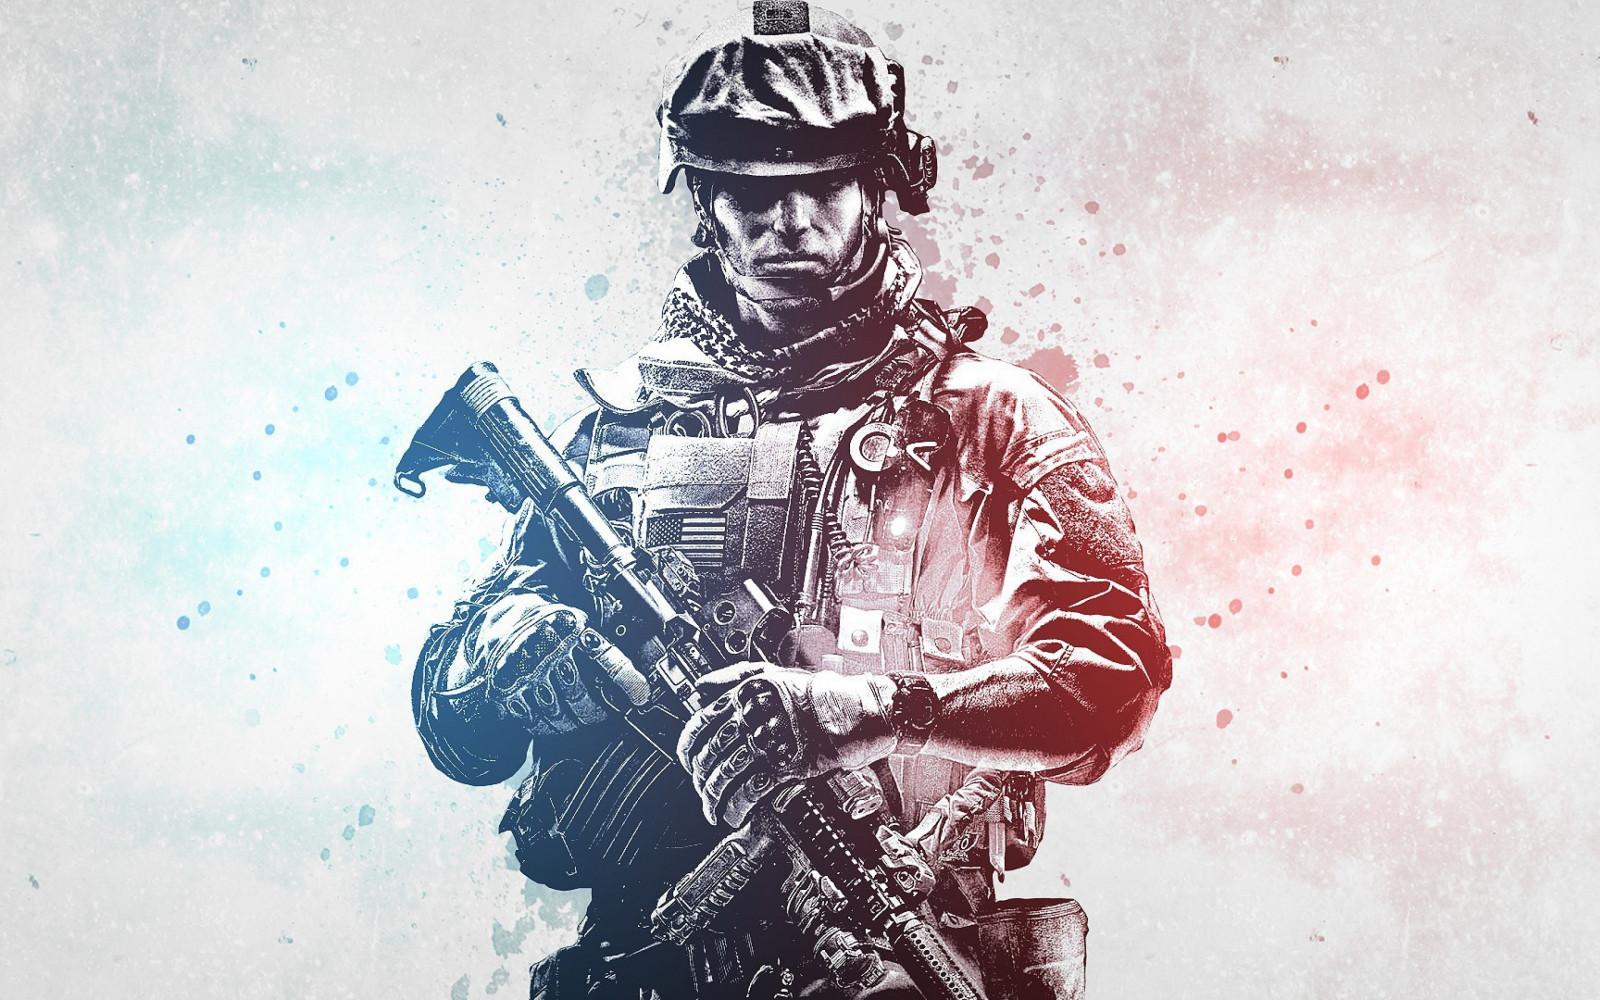 Wallpaper Gambar Ilustrasi Video Game Karakter Video